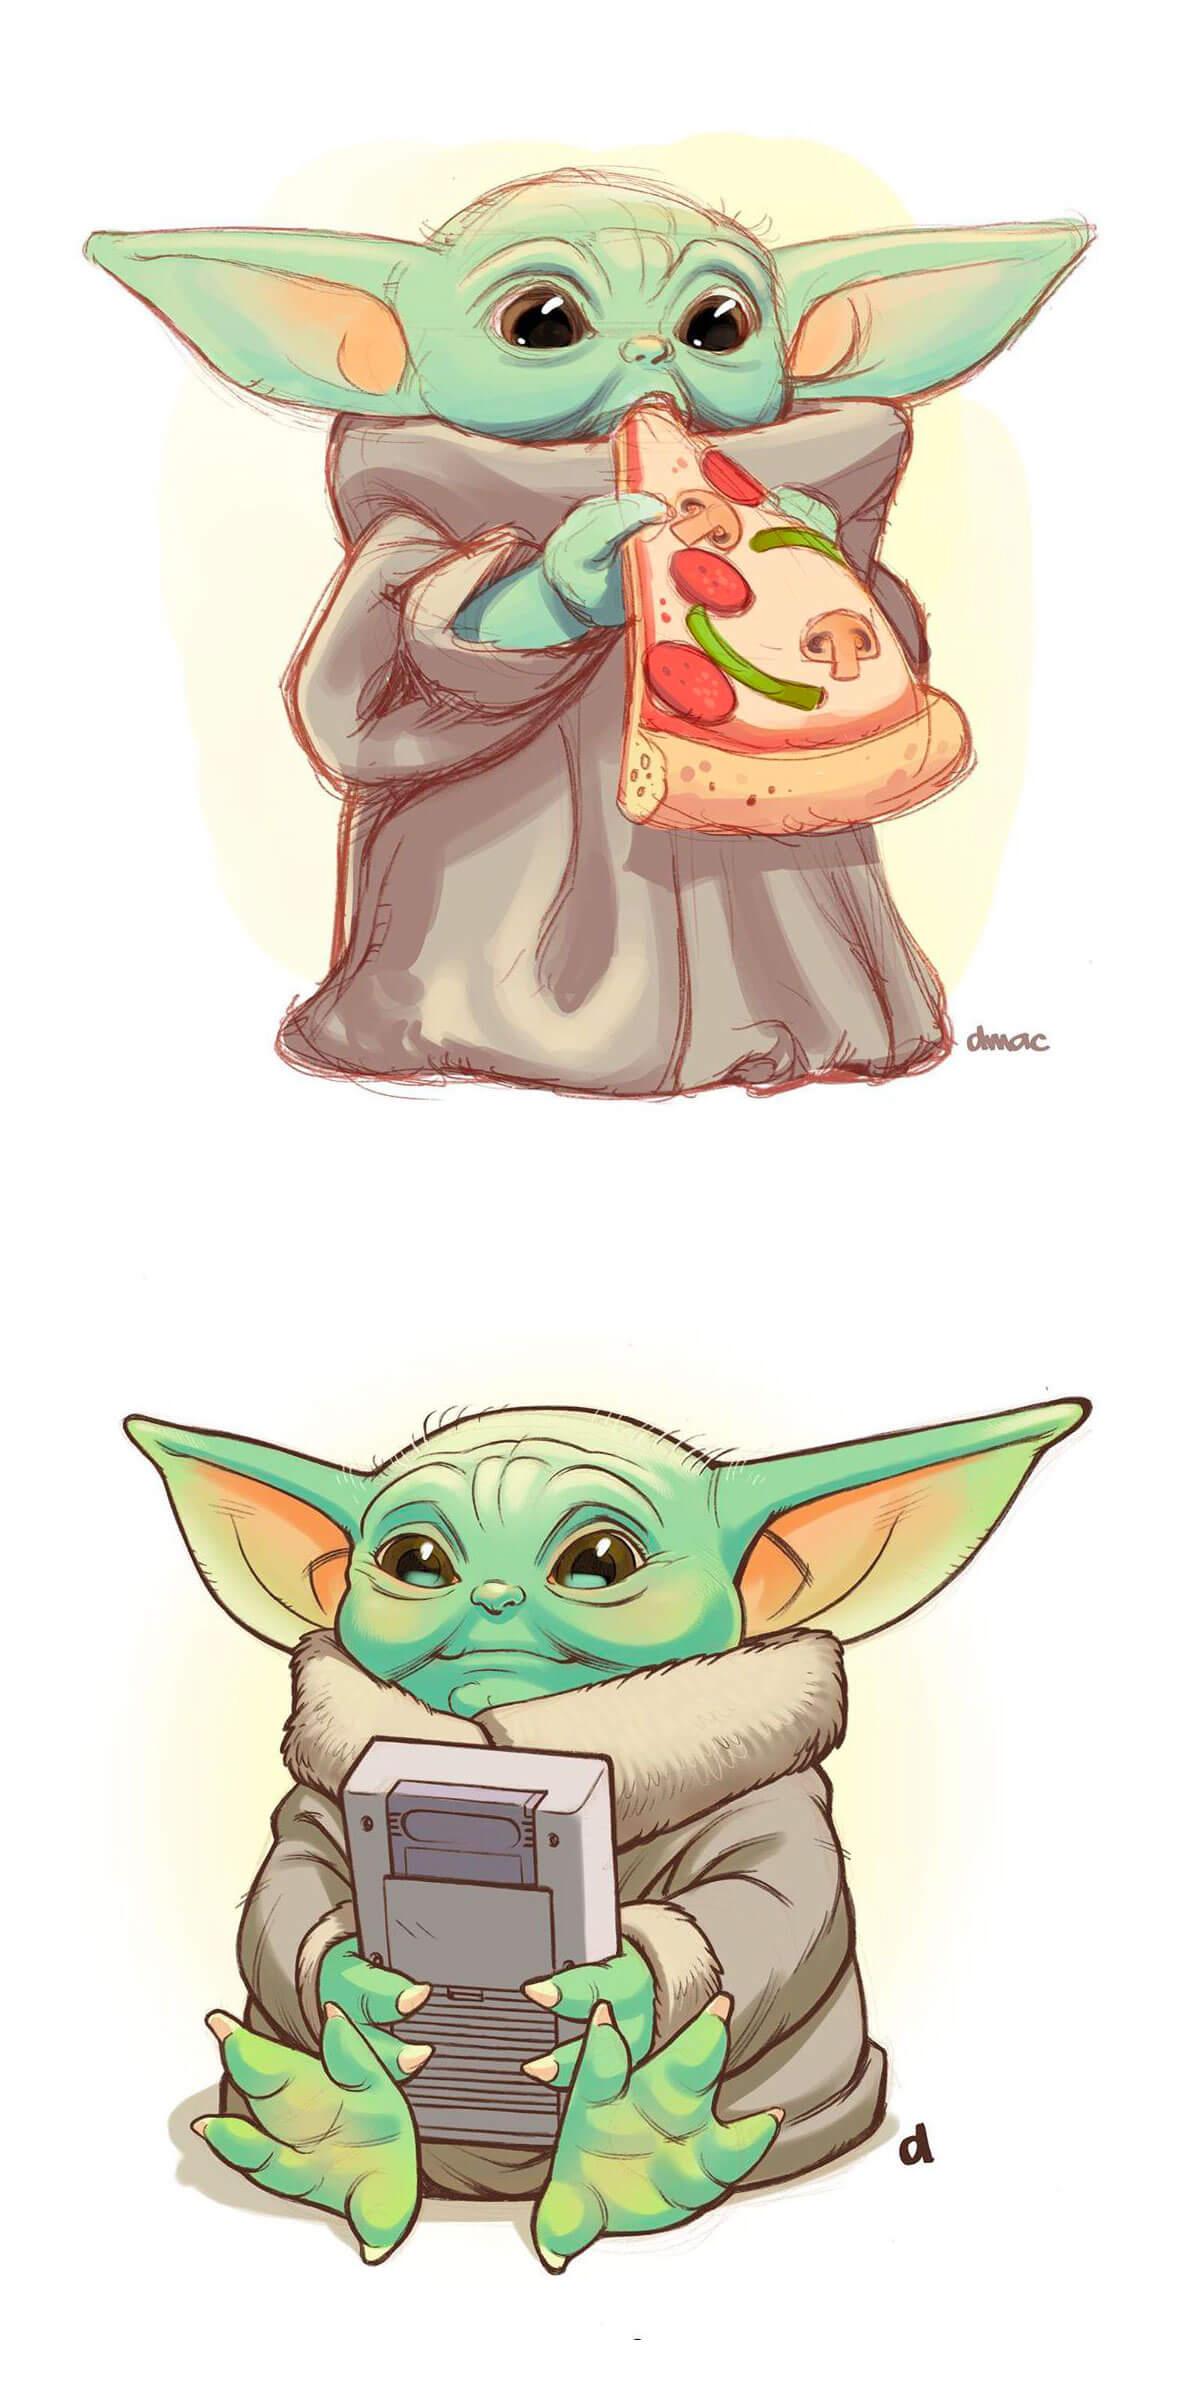 Baby Yoda Fan Art by Darren Calvert